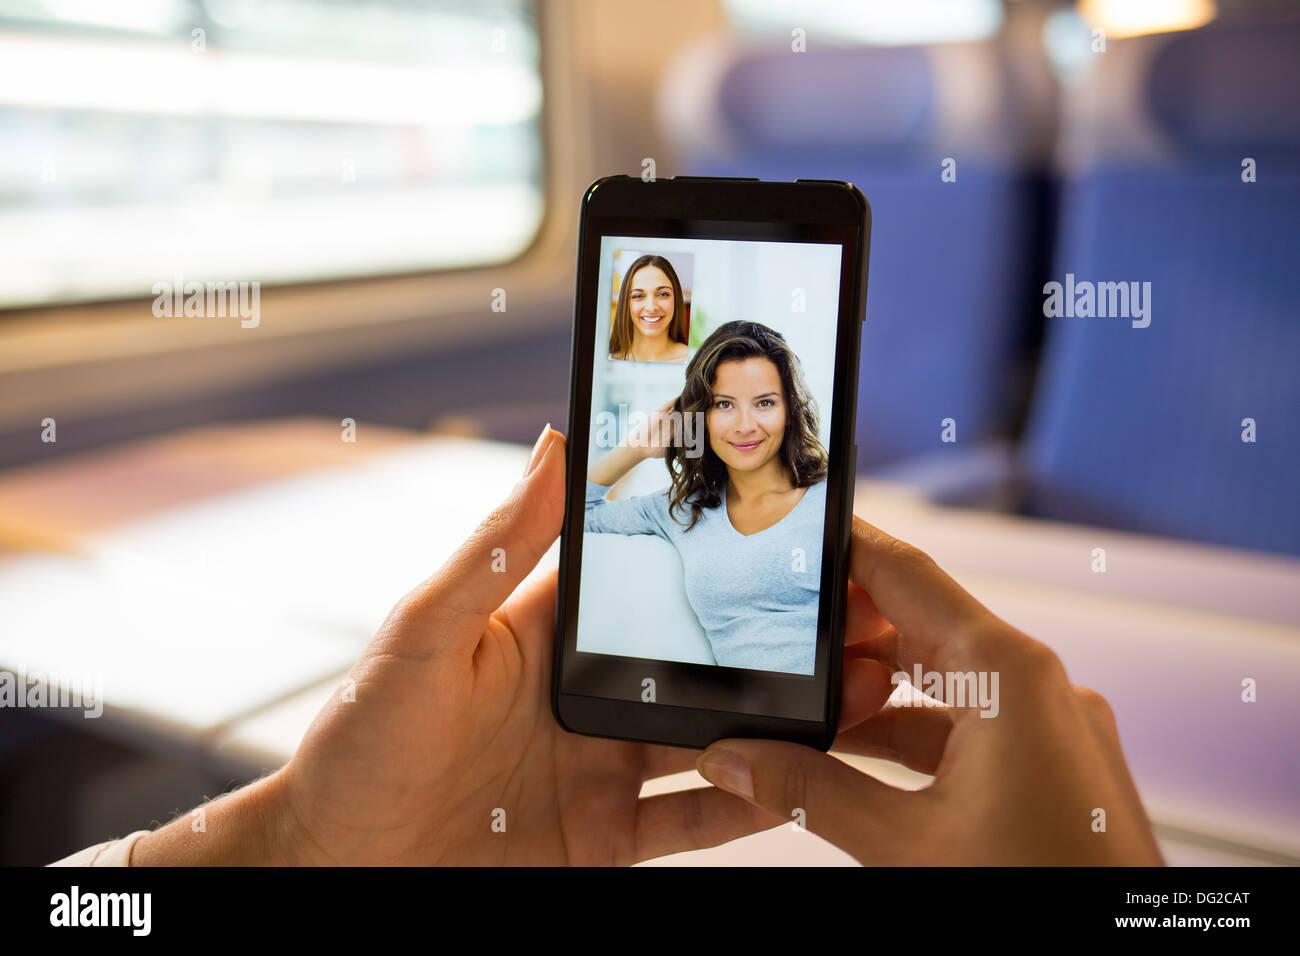 Mujer en el tren chateando en su teléfono móvil. Conferencia de vídeo Imagen De Stock